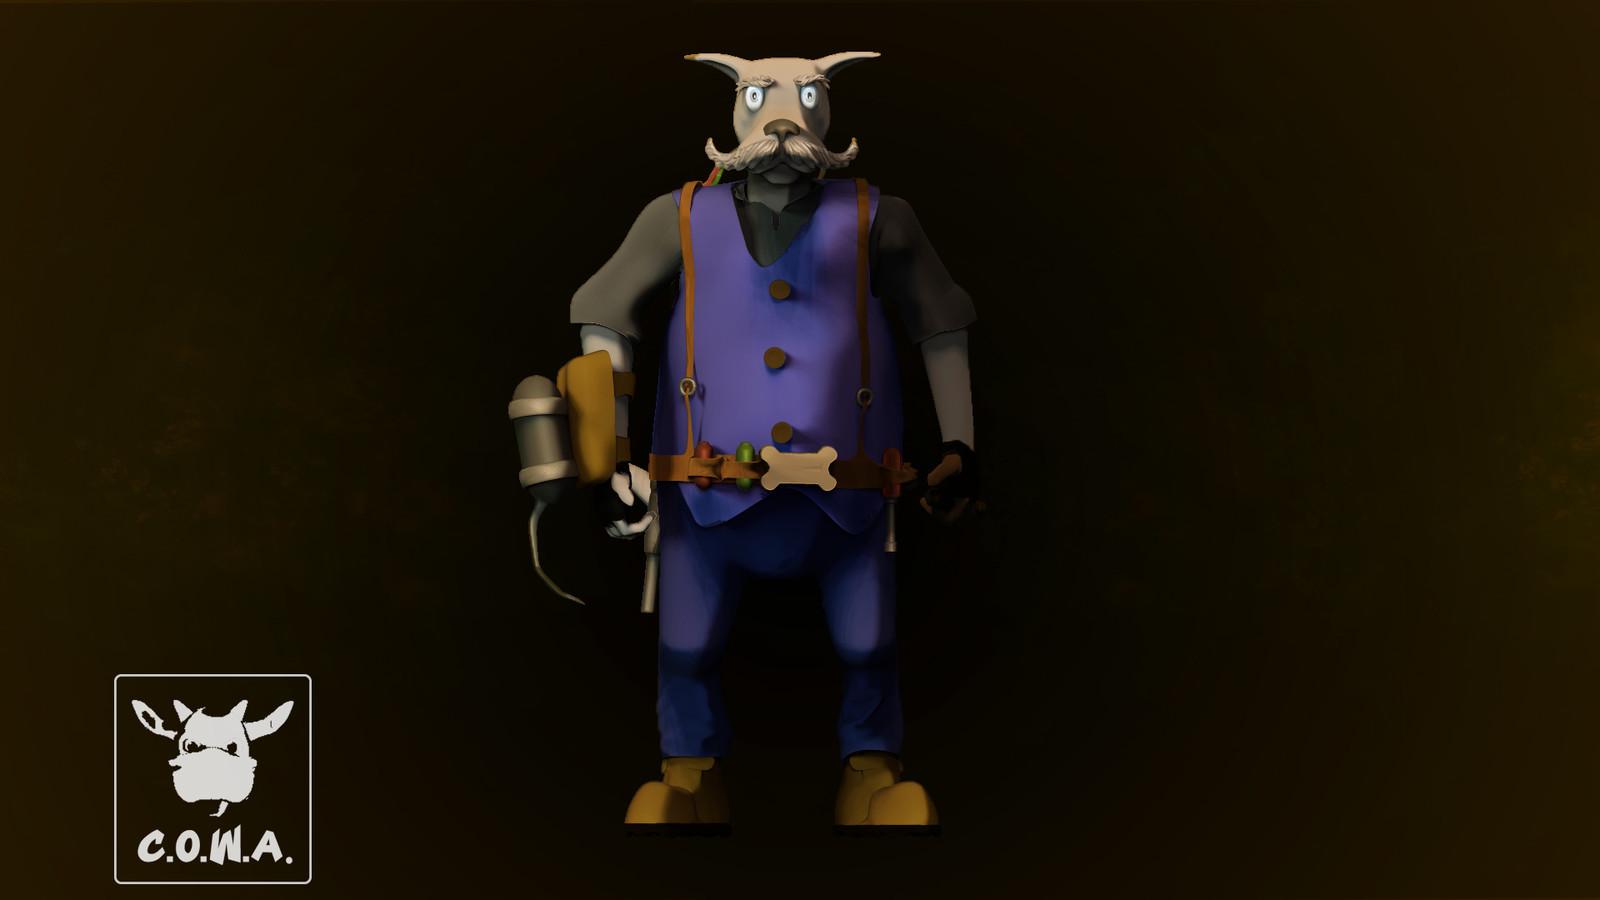 Moe the Engineer